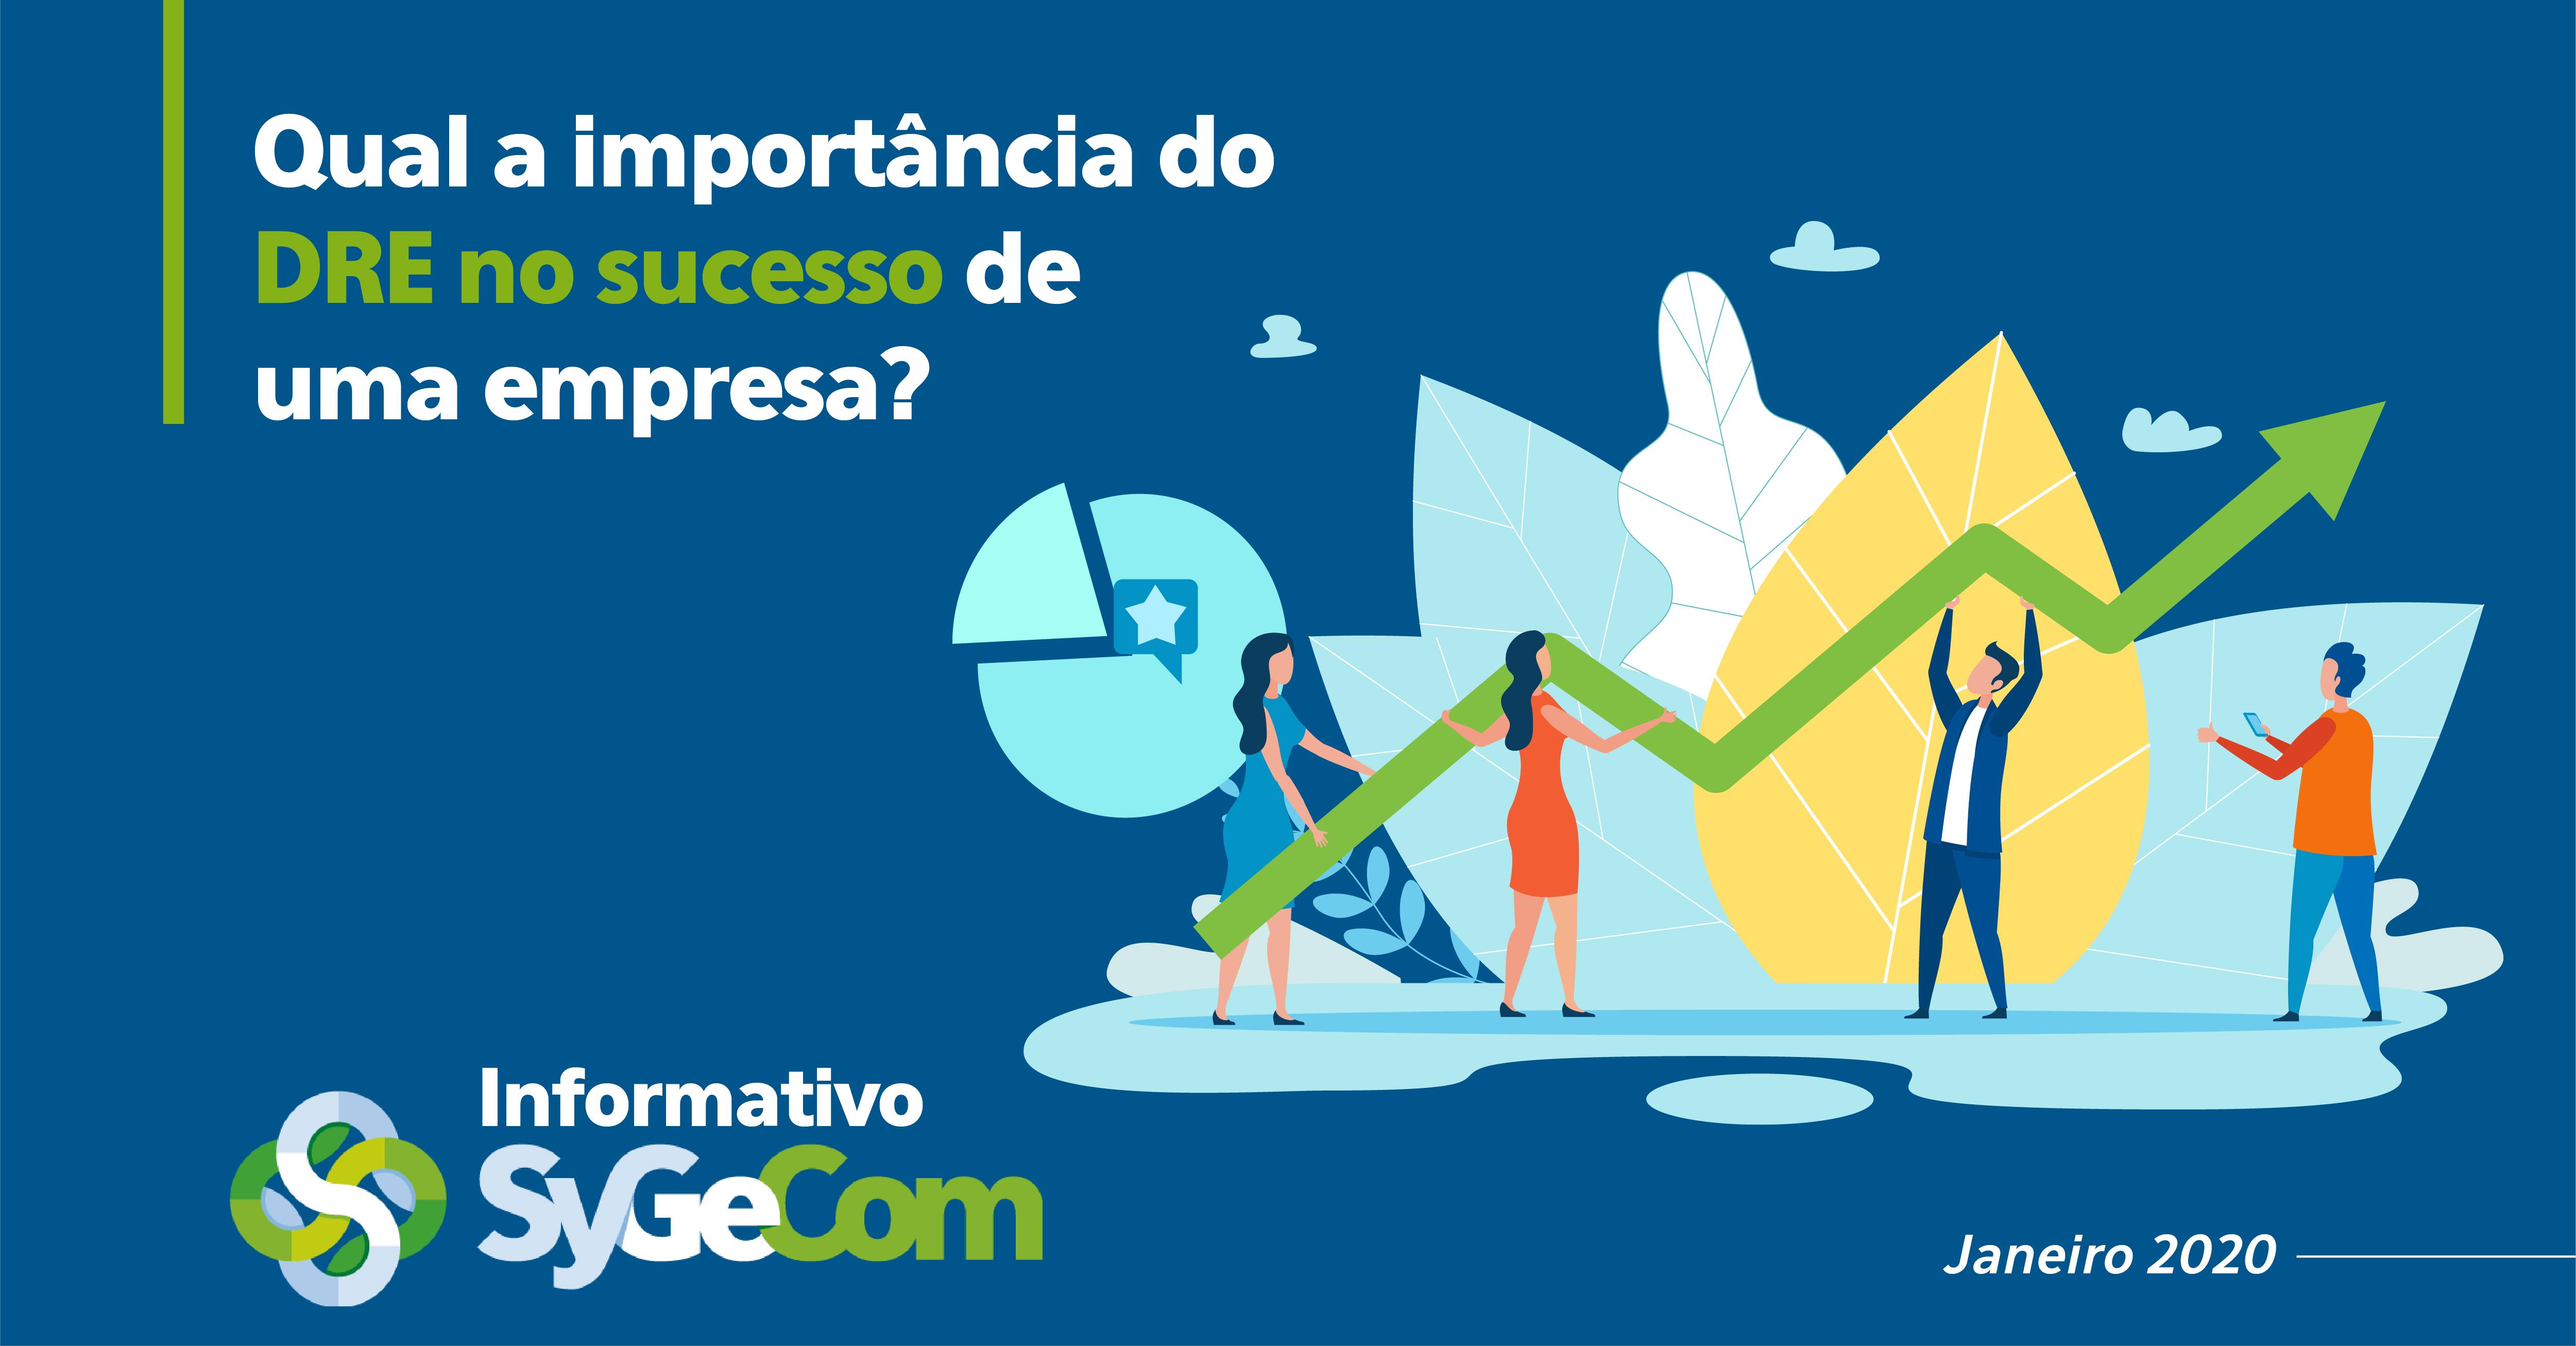 Qual a importância do DRE no sucesso de uma empresa?